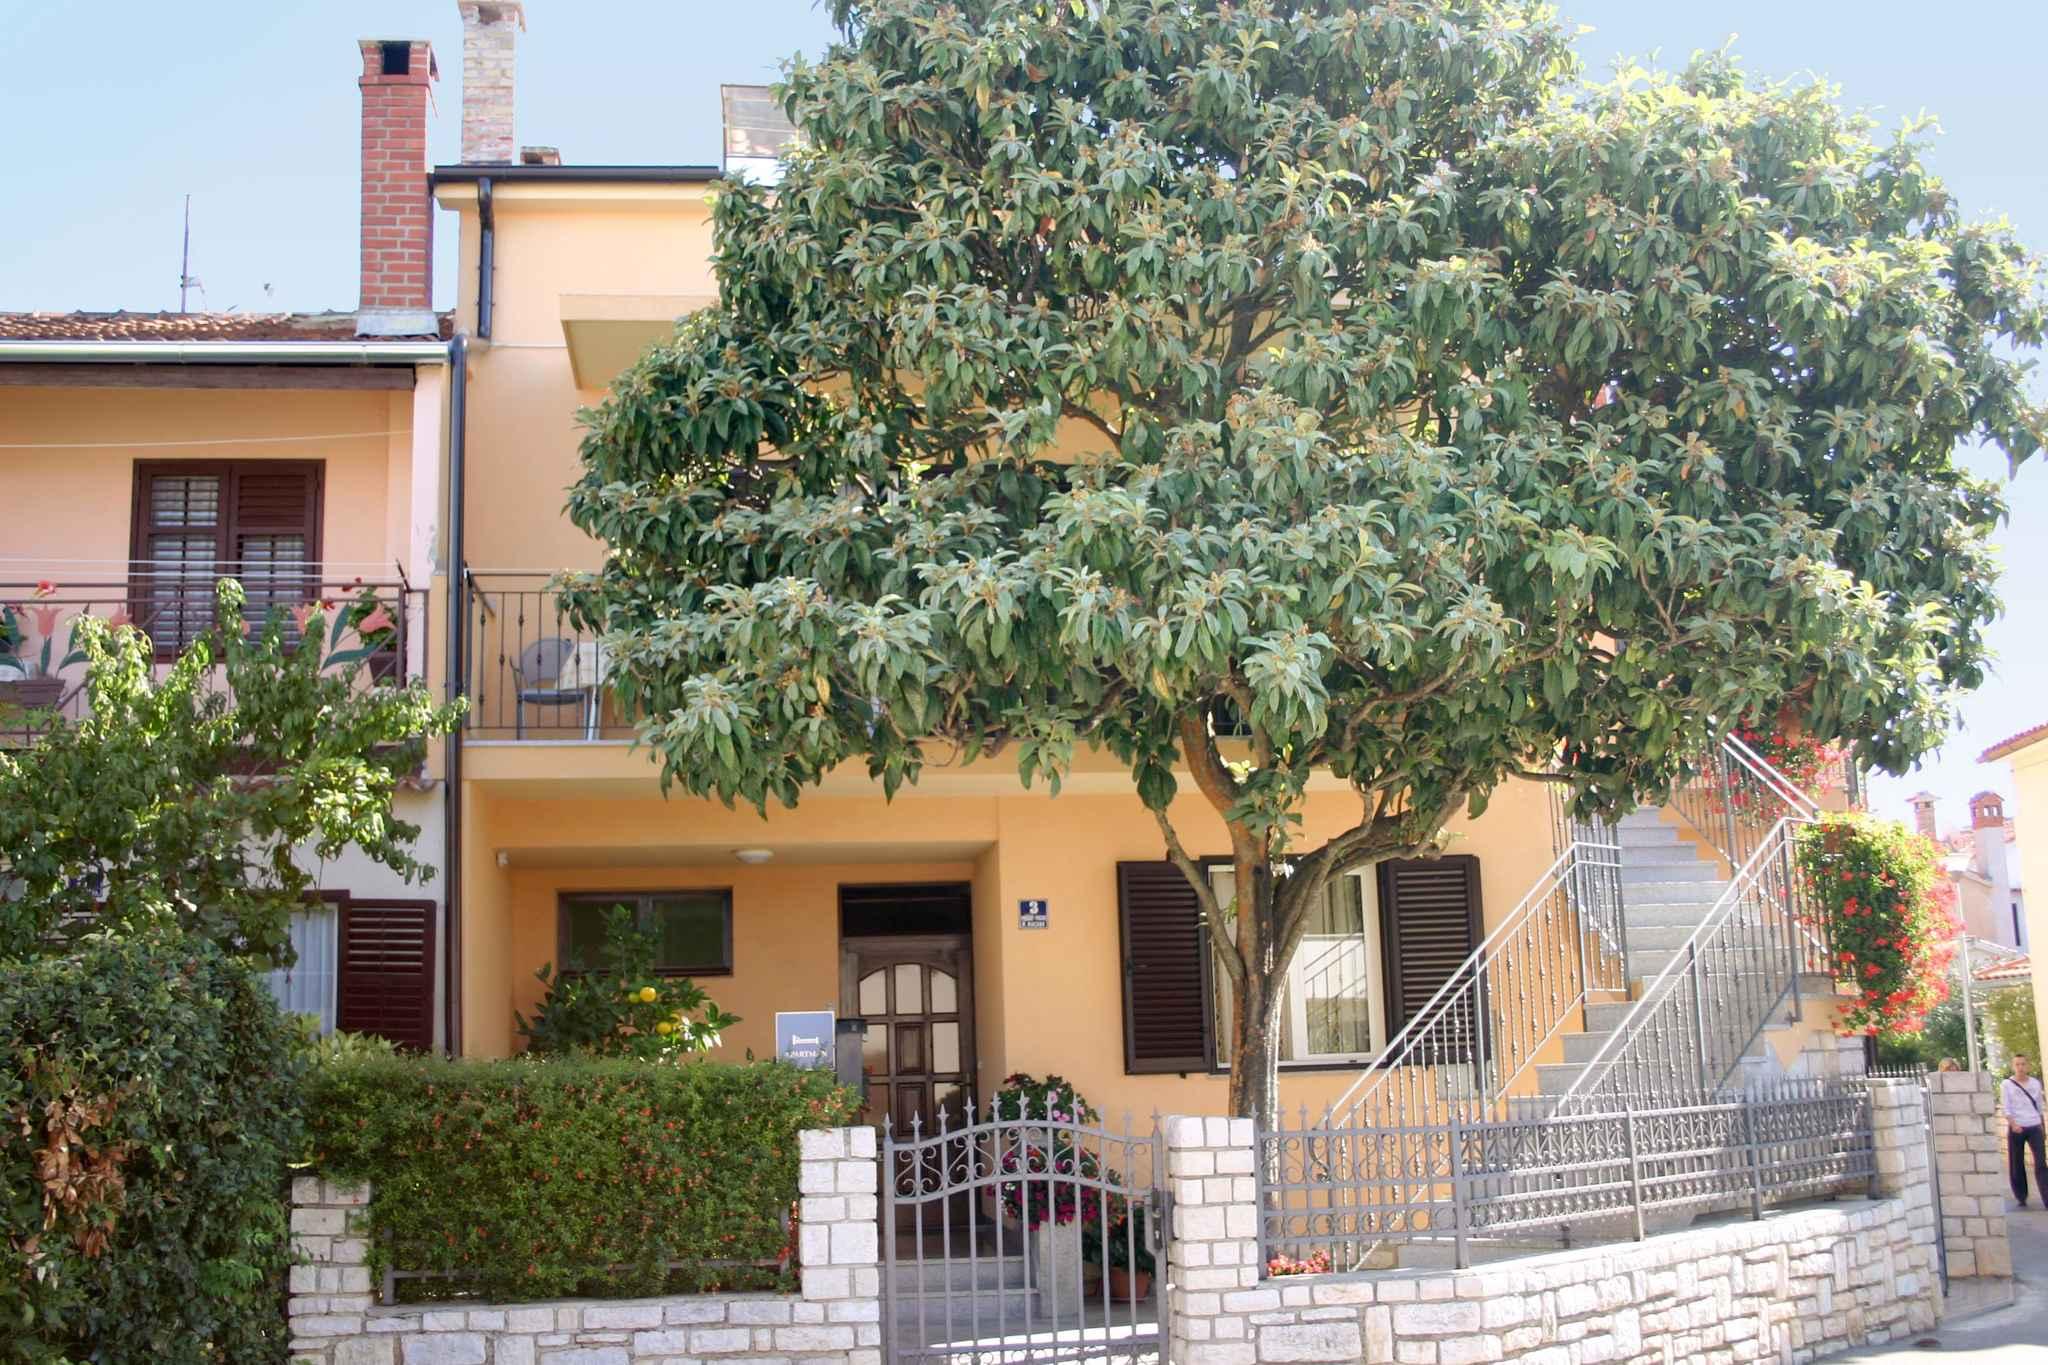 Ferienwohnung mit Stadtblick (281028), Rovinj, , Istrien, Kroatien, Bild 1